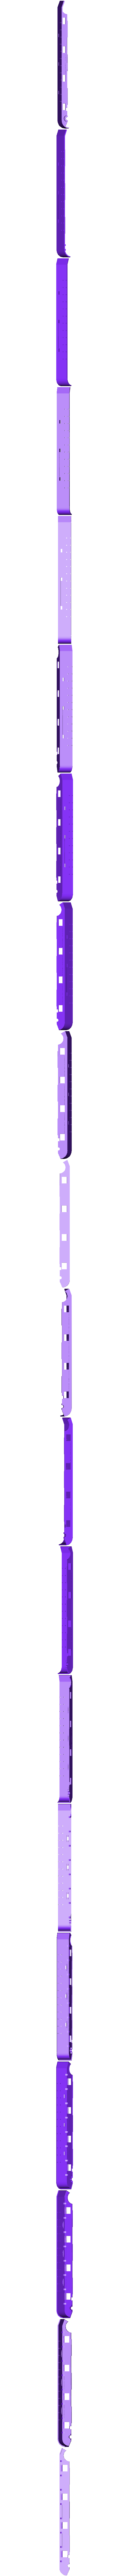 T-34-76 - skirt_left.stl Télécharger fichier STL T-34/76 pour l'assemblage, avec voies mobiles • Objet pour imprimante 3D, c47